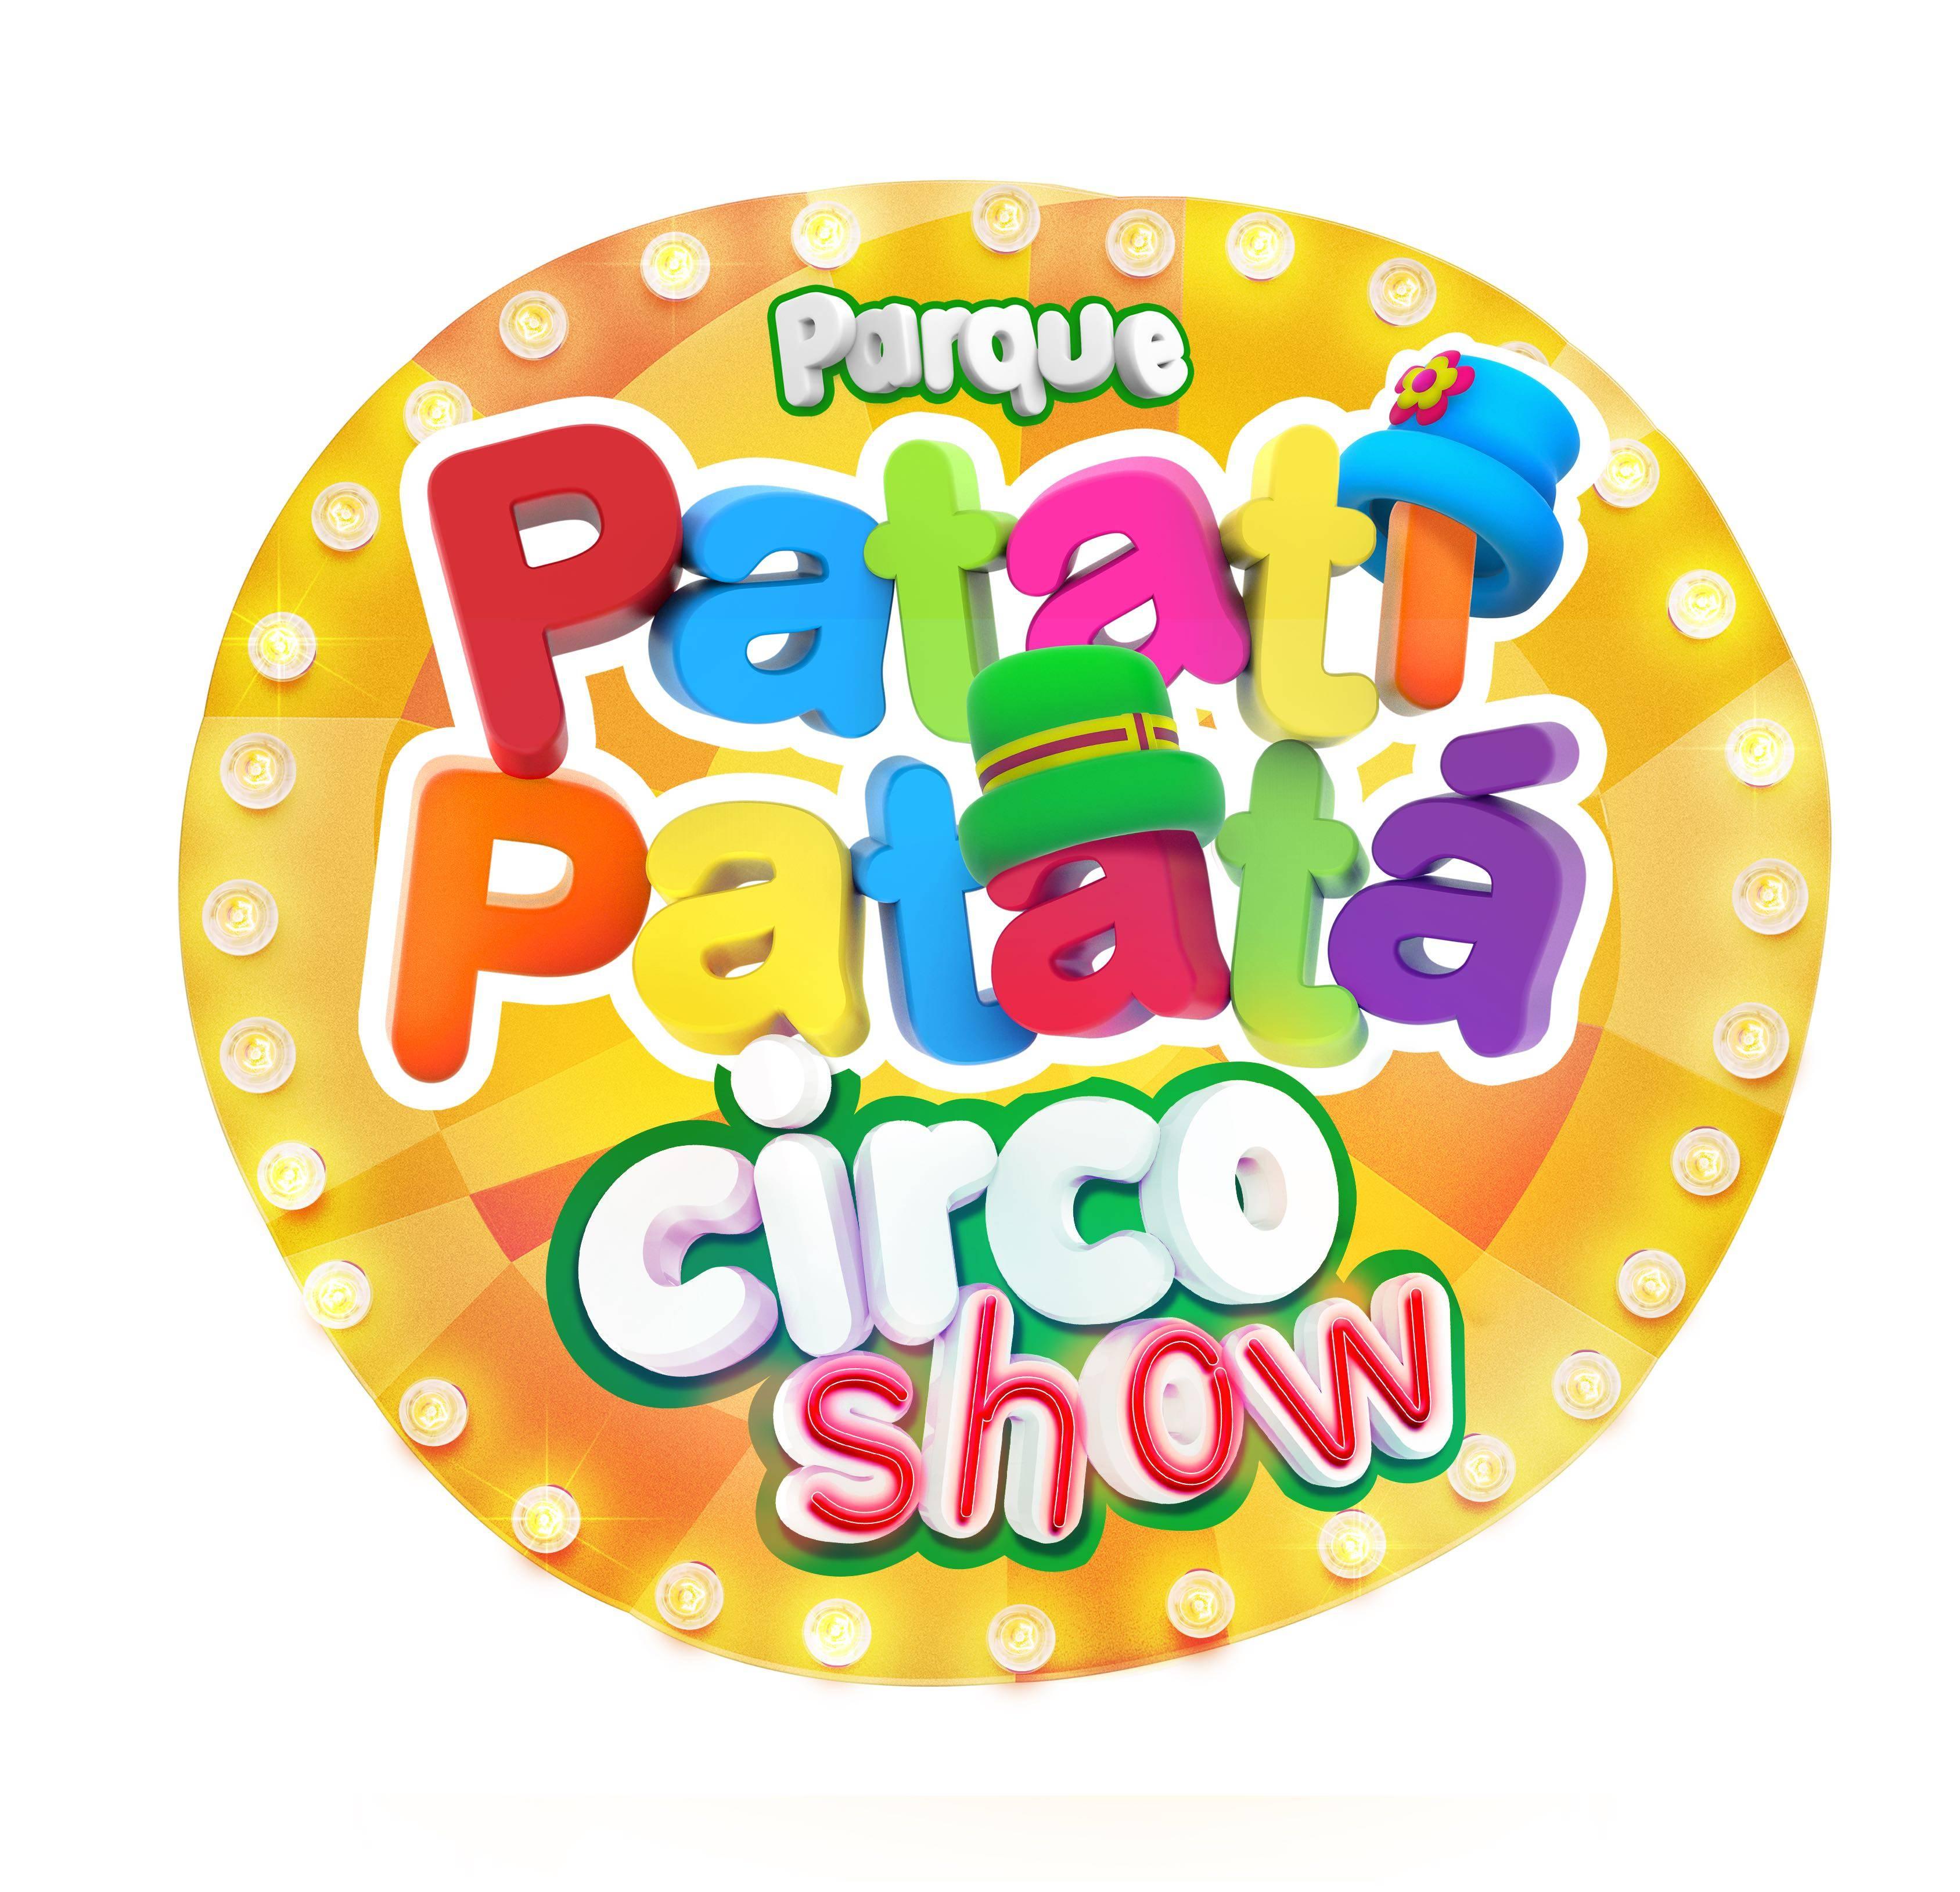 Parque Patati Patata Circo Show || Mooca